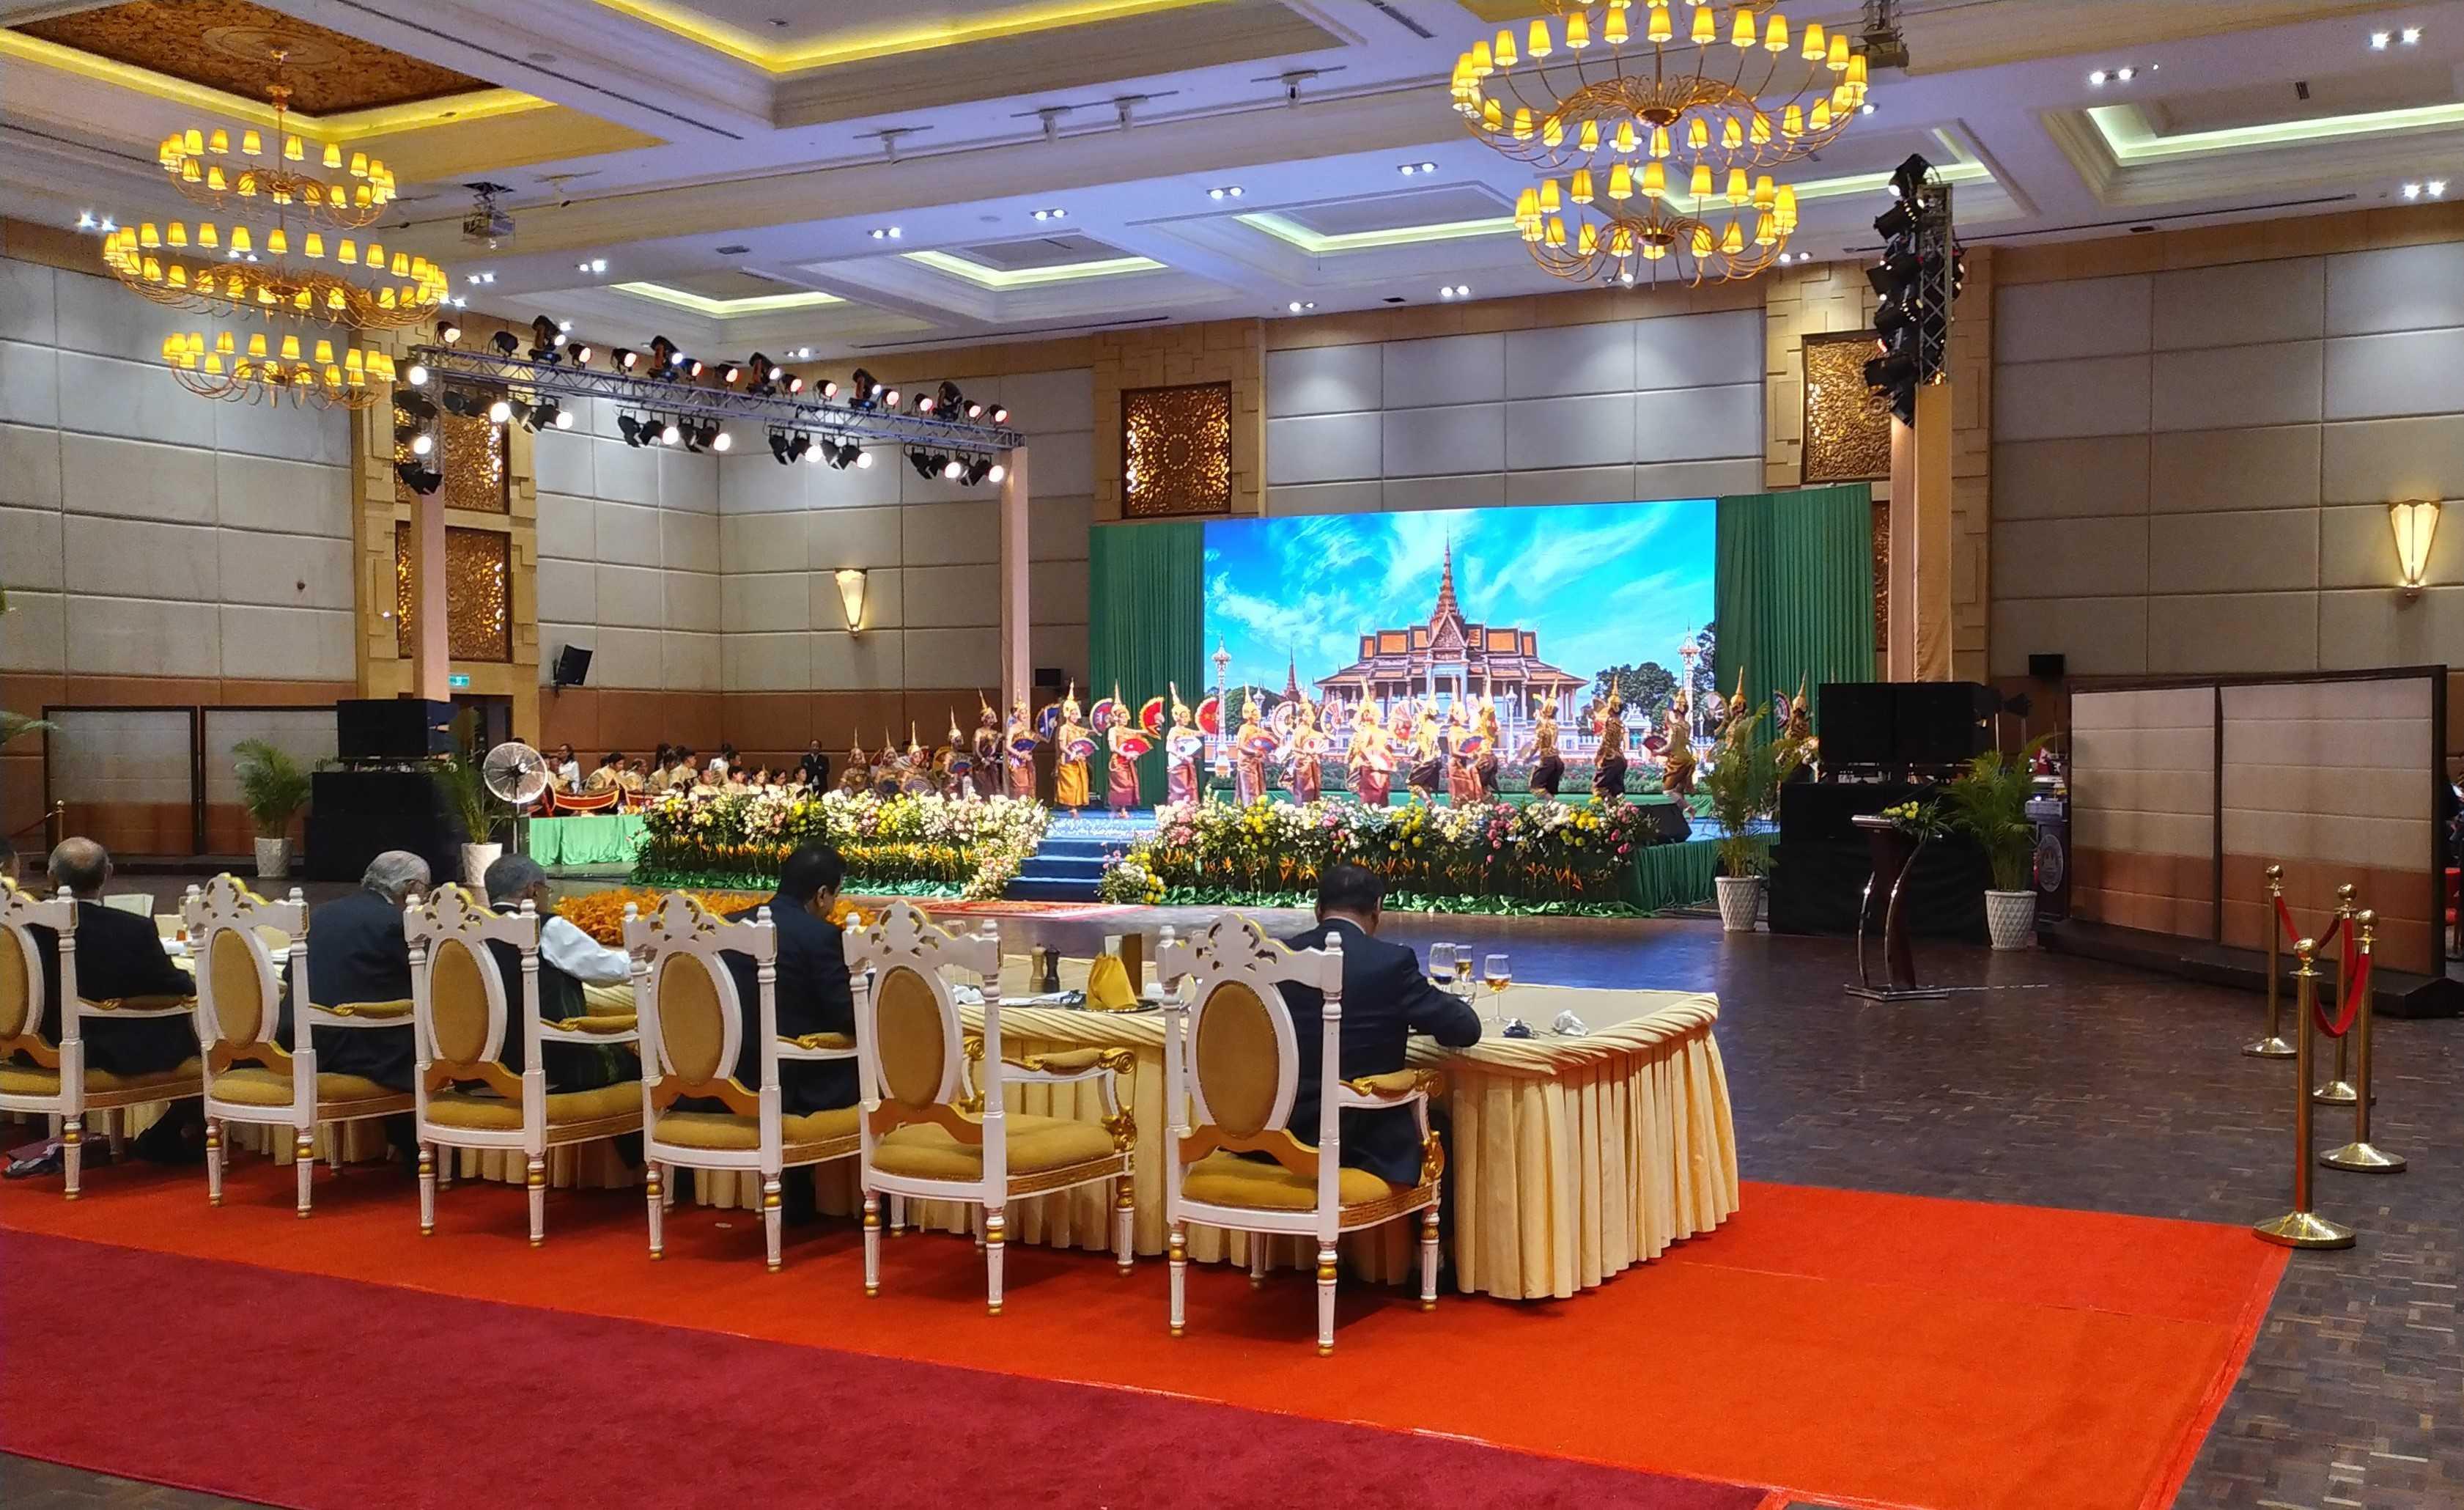 Торжественный раут от лица правительства Камбоджи, на котором гости могли не только оценить изыски местной кухни, но и впитать элементы общей, традиционной культуры кхмерского королевства…